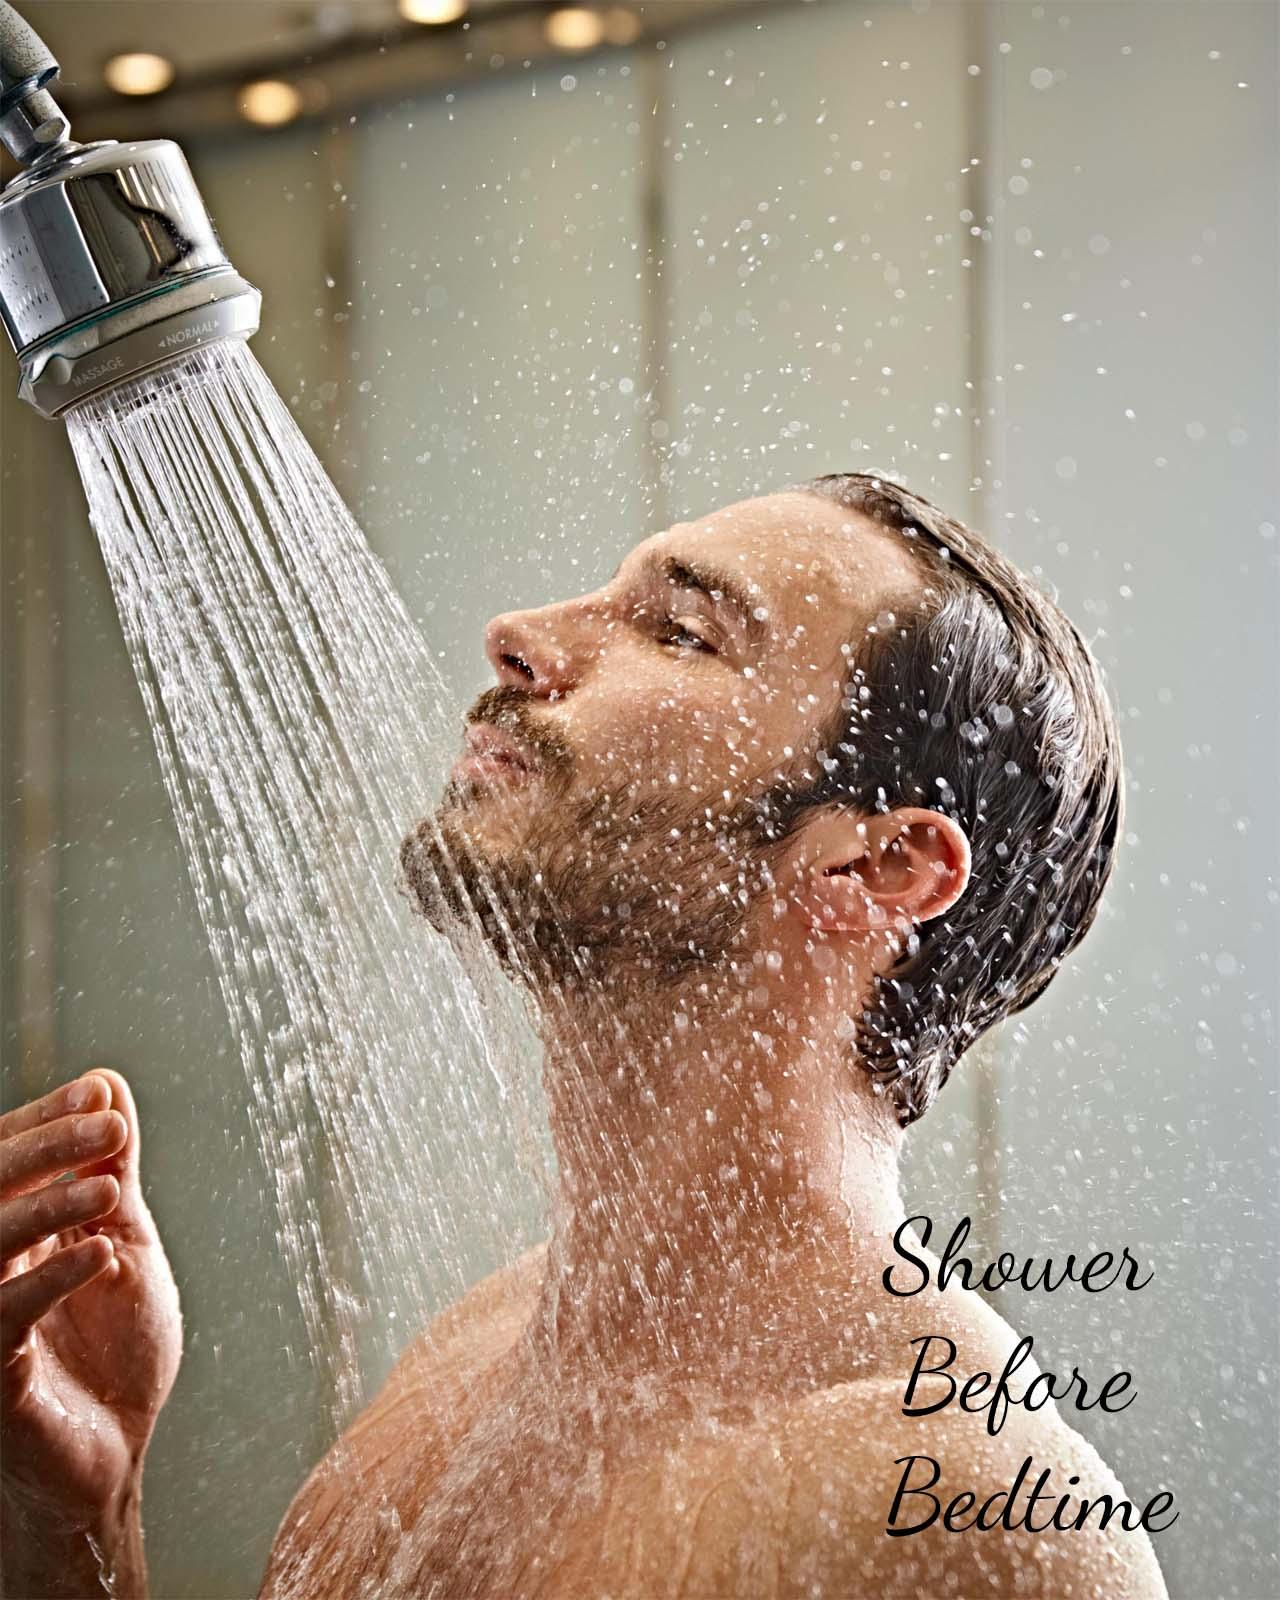 Shower Before Bedtime